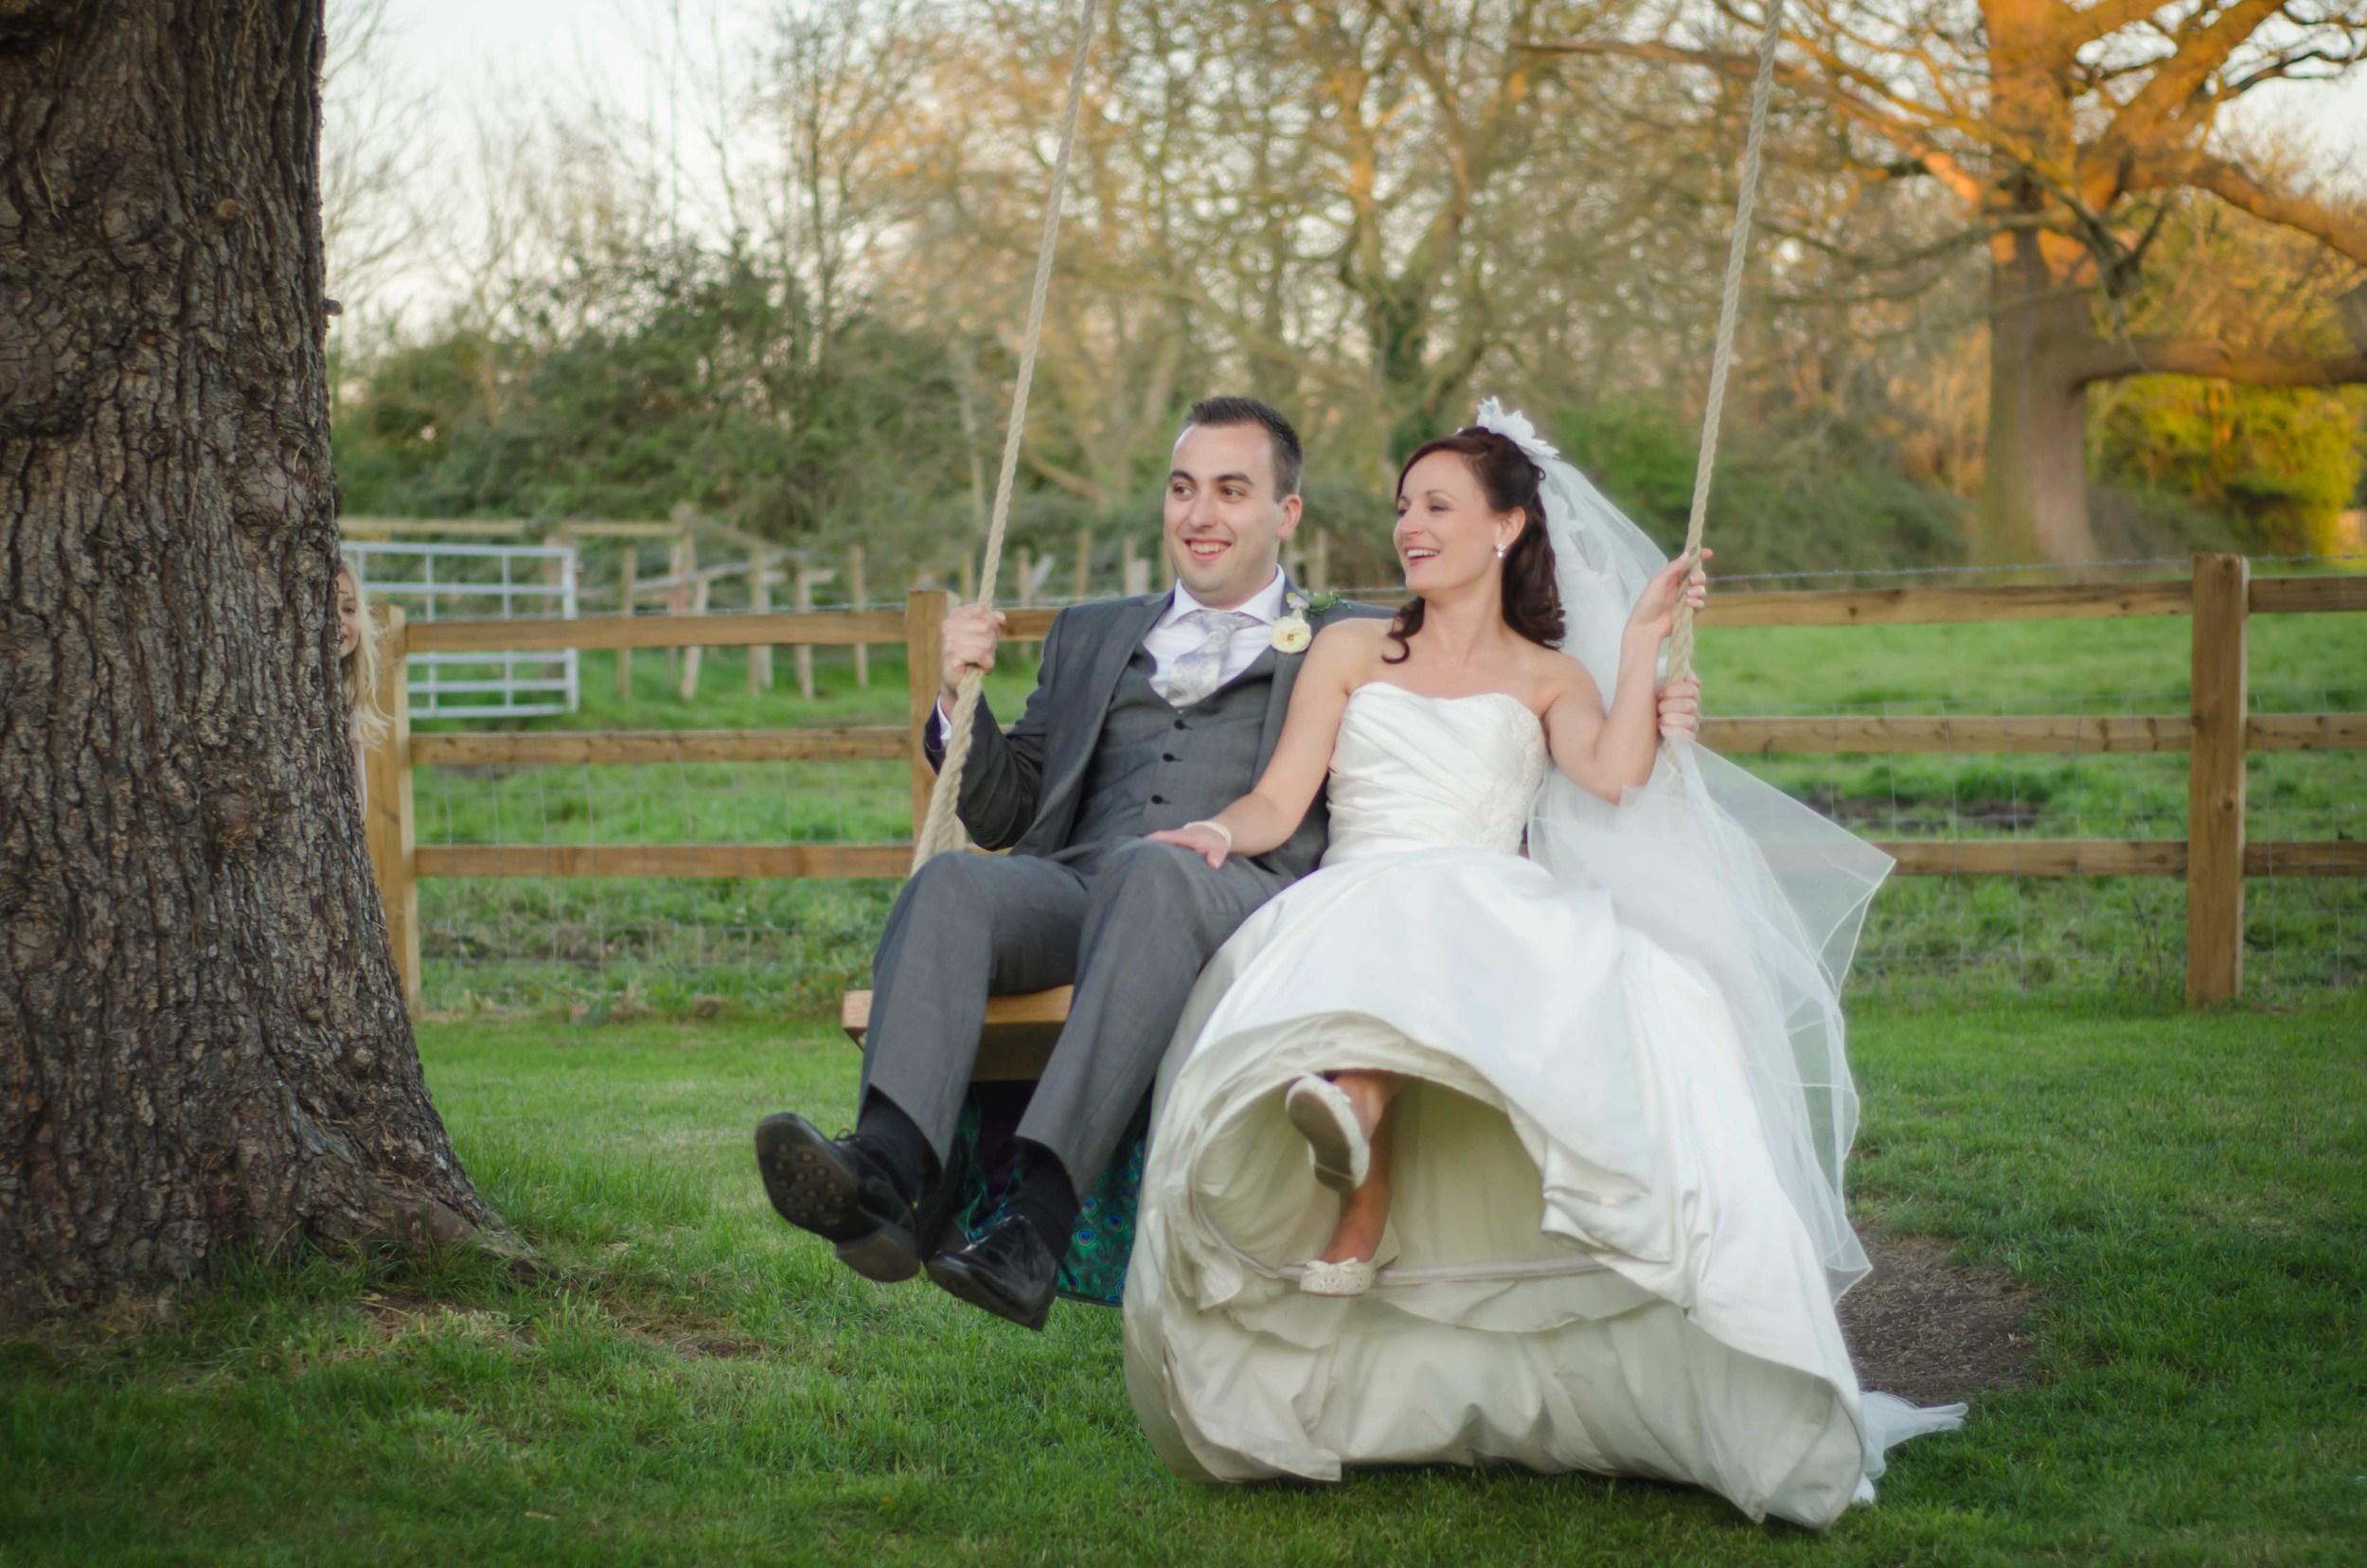 Mike & Jayes Wedding 64.jpg